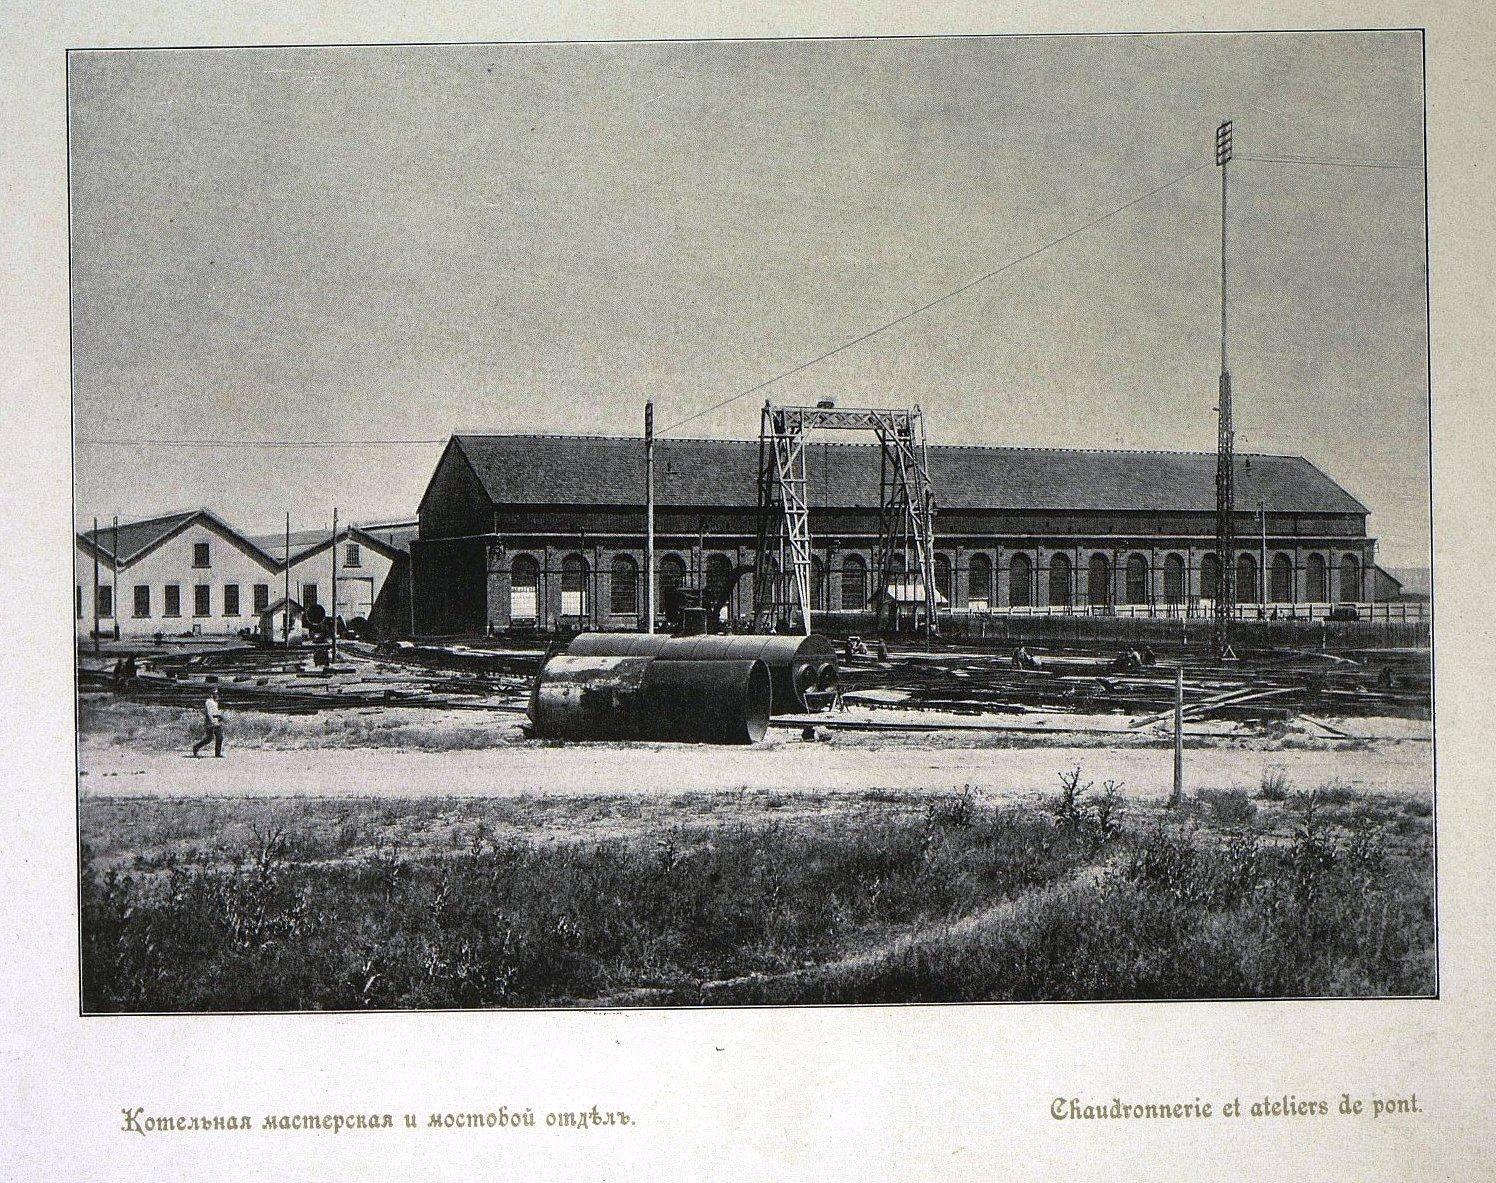 09. Котельная мастерская и мостовой отдел